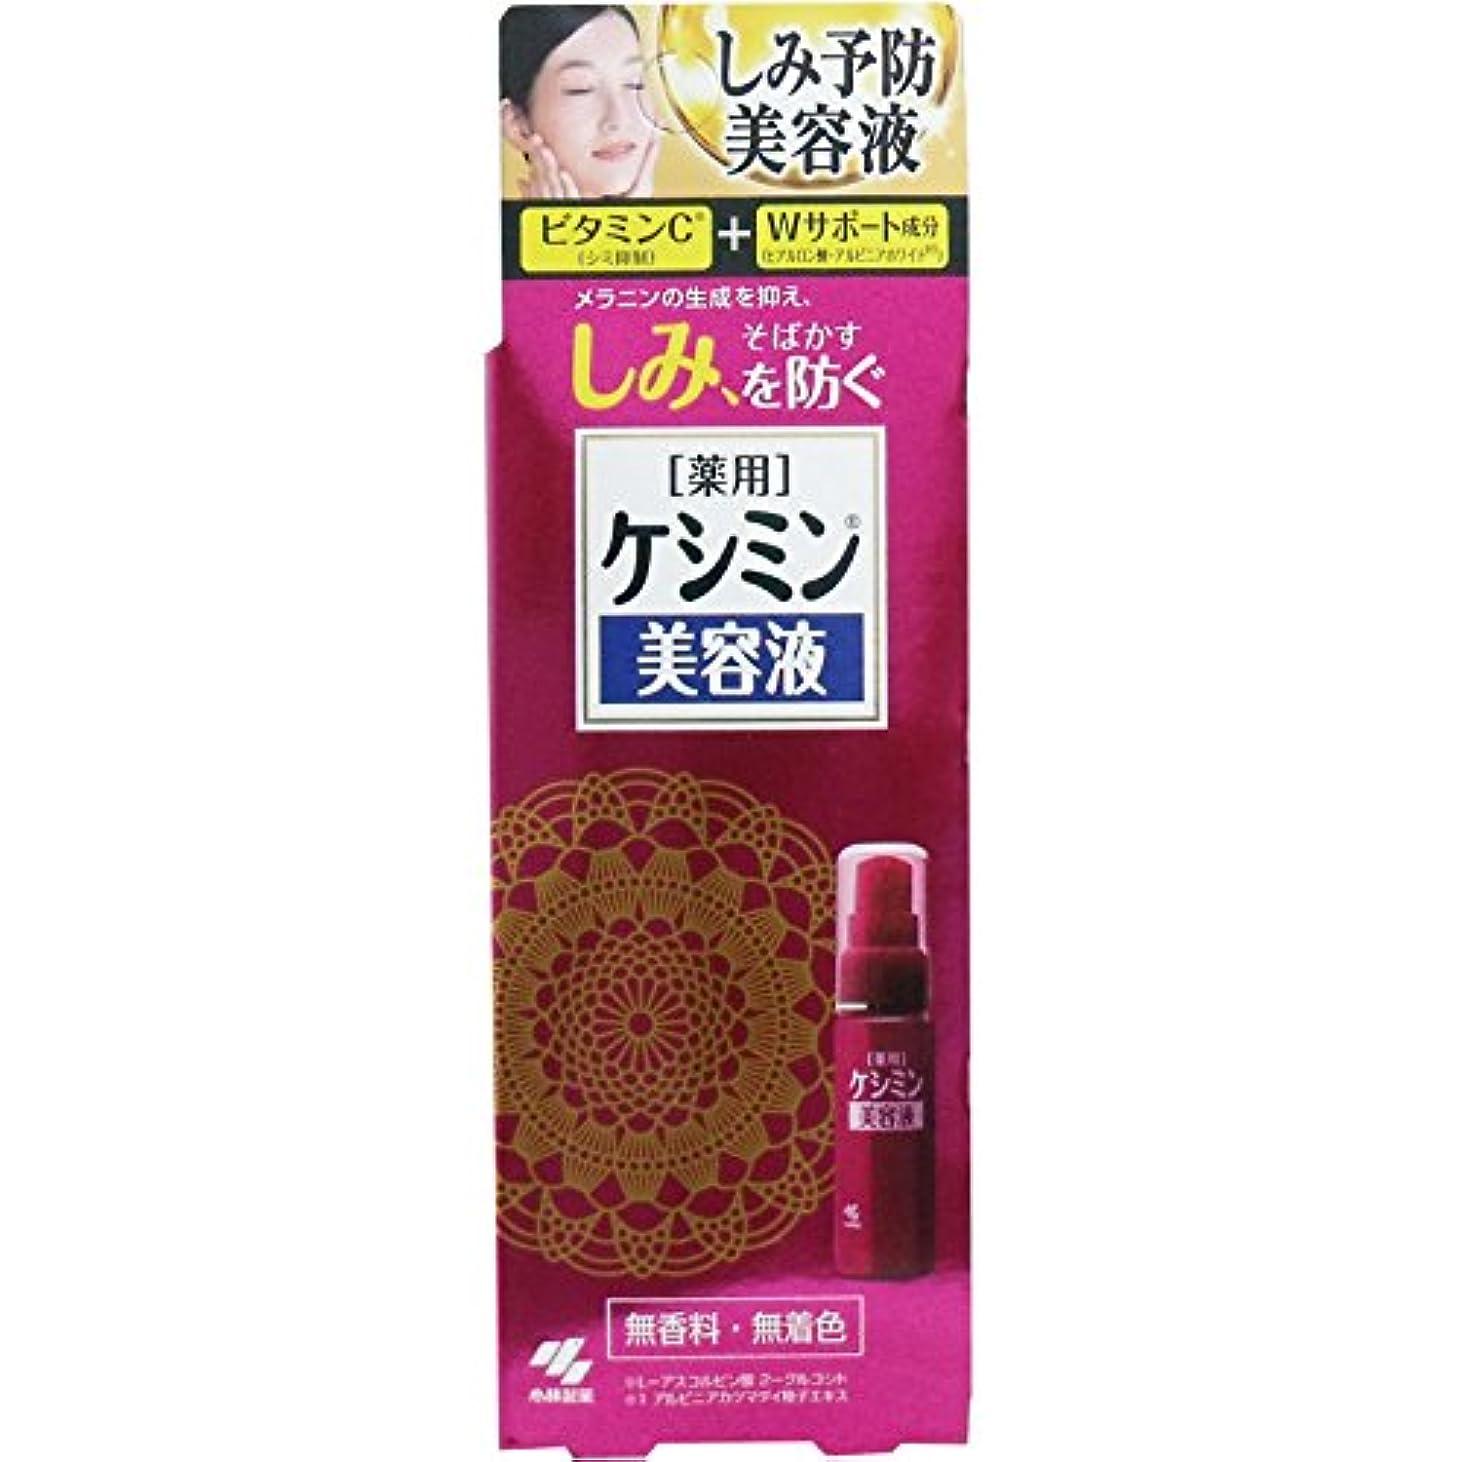 価値ペフオデュッセウスケシミン美容液 シミを防ぐ 30ml×6個